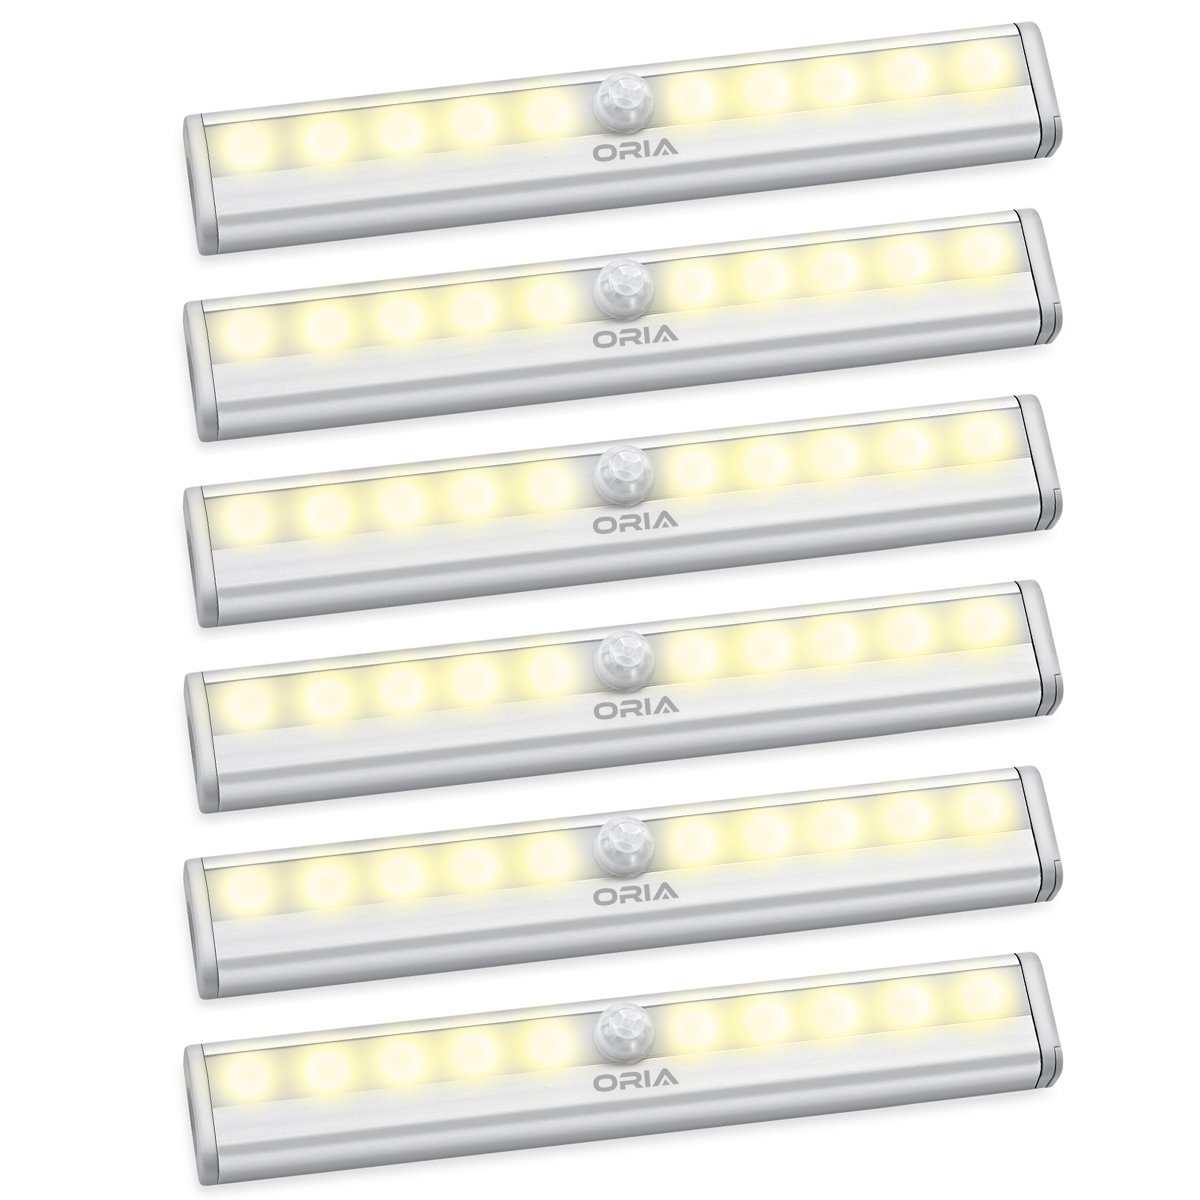 【一部予約販売】 オーリアモーションセンサーライト、10 LEDワイヤレスナイトライト UF14Y_6PCS-O52118-OUS、stick-on壁ライト磁気ストリップ付きホーム White、寝室、階段 Set、セットの3 UF14Y_6PCS-O52118-OUS Set of 6 Warm White B075CYW3WY, TOKO:8aac7df8 --- trainersnit-com.access.secure-ssl-servers.info